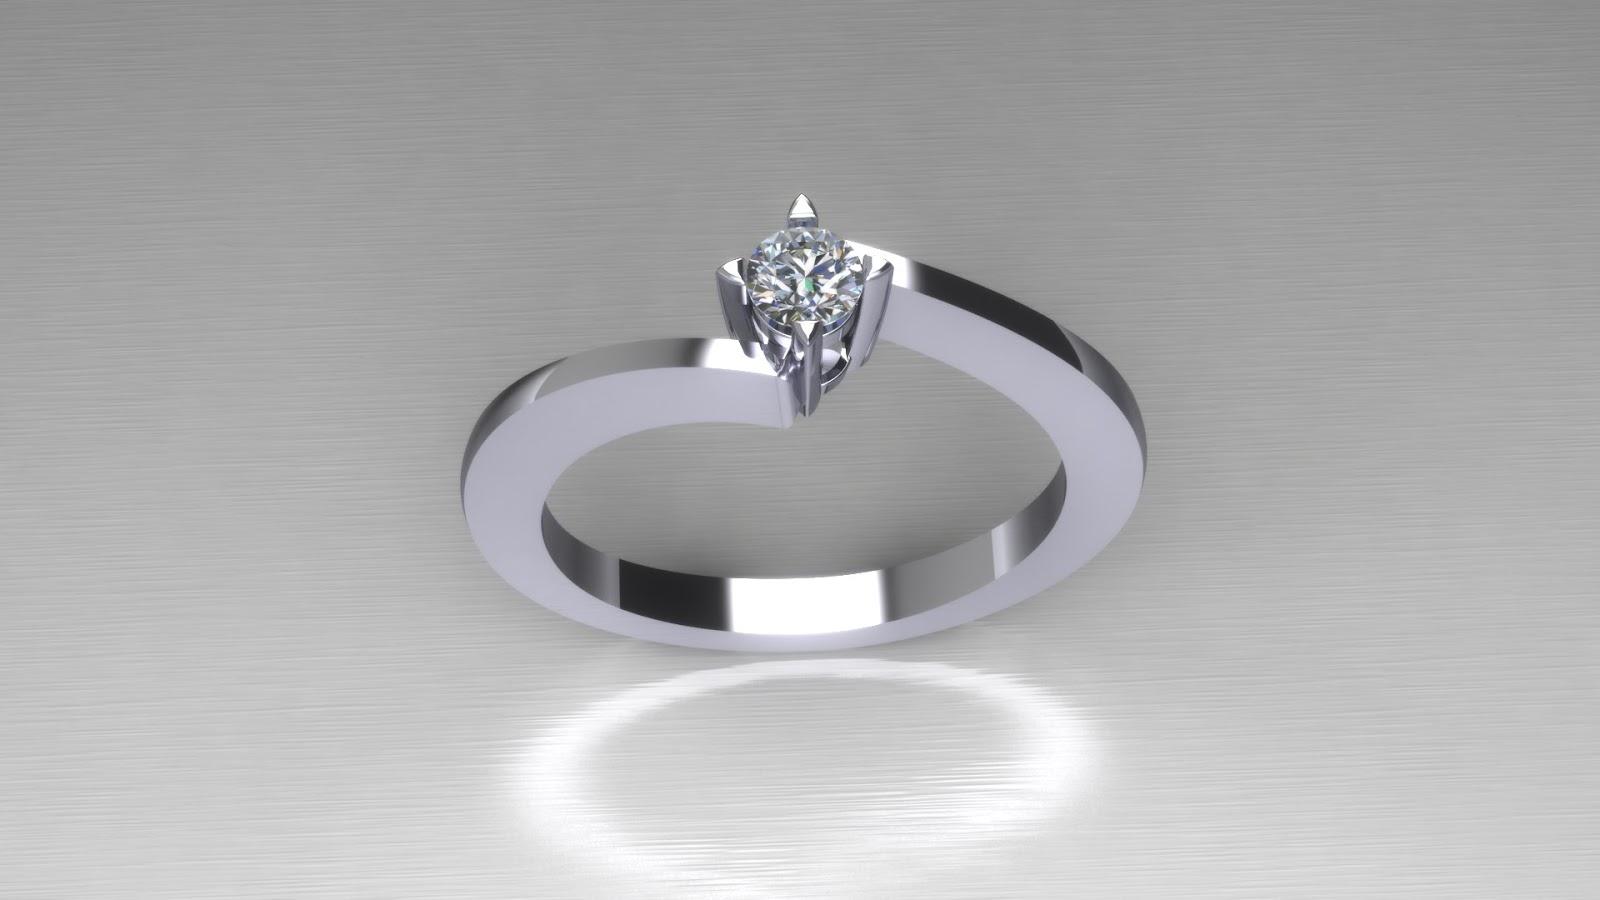 1) Μονόπετρα με διαμάντια  Το all time classic! Μονόπετρο δαχτυλίδι με  διαμάντι 18af7f14552